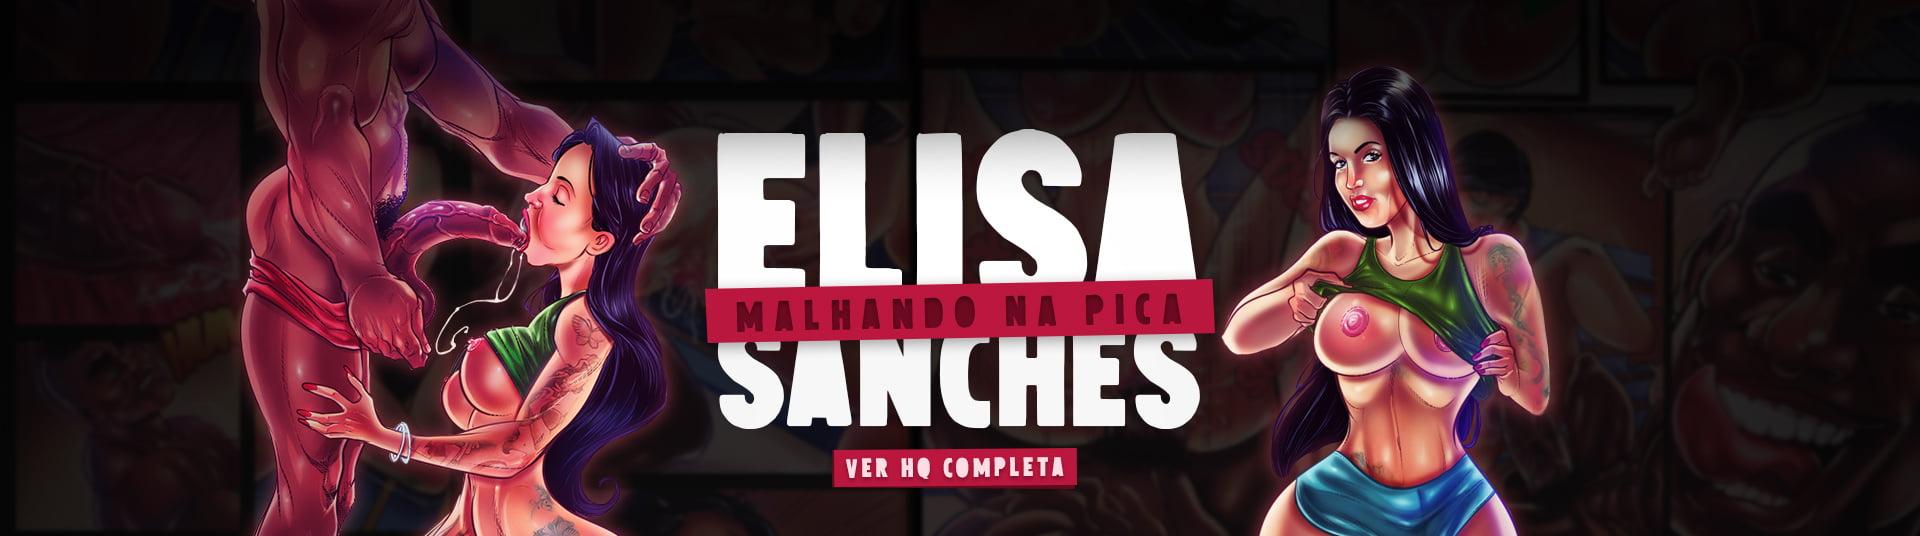 HQ Elisa Sanches